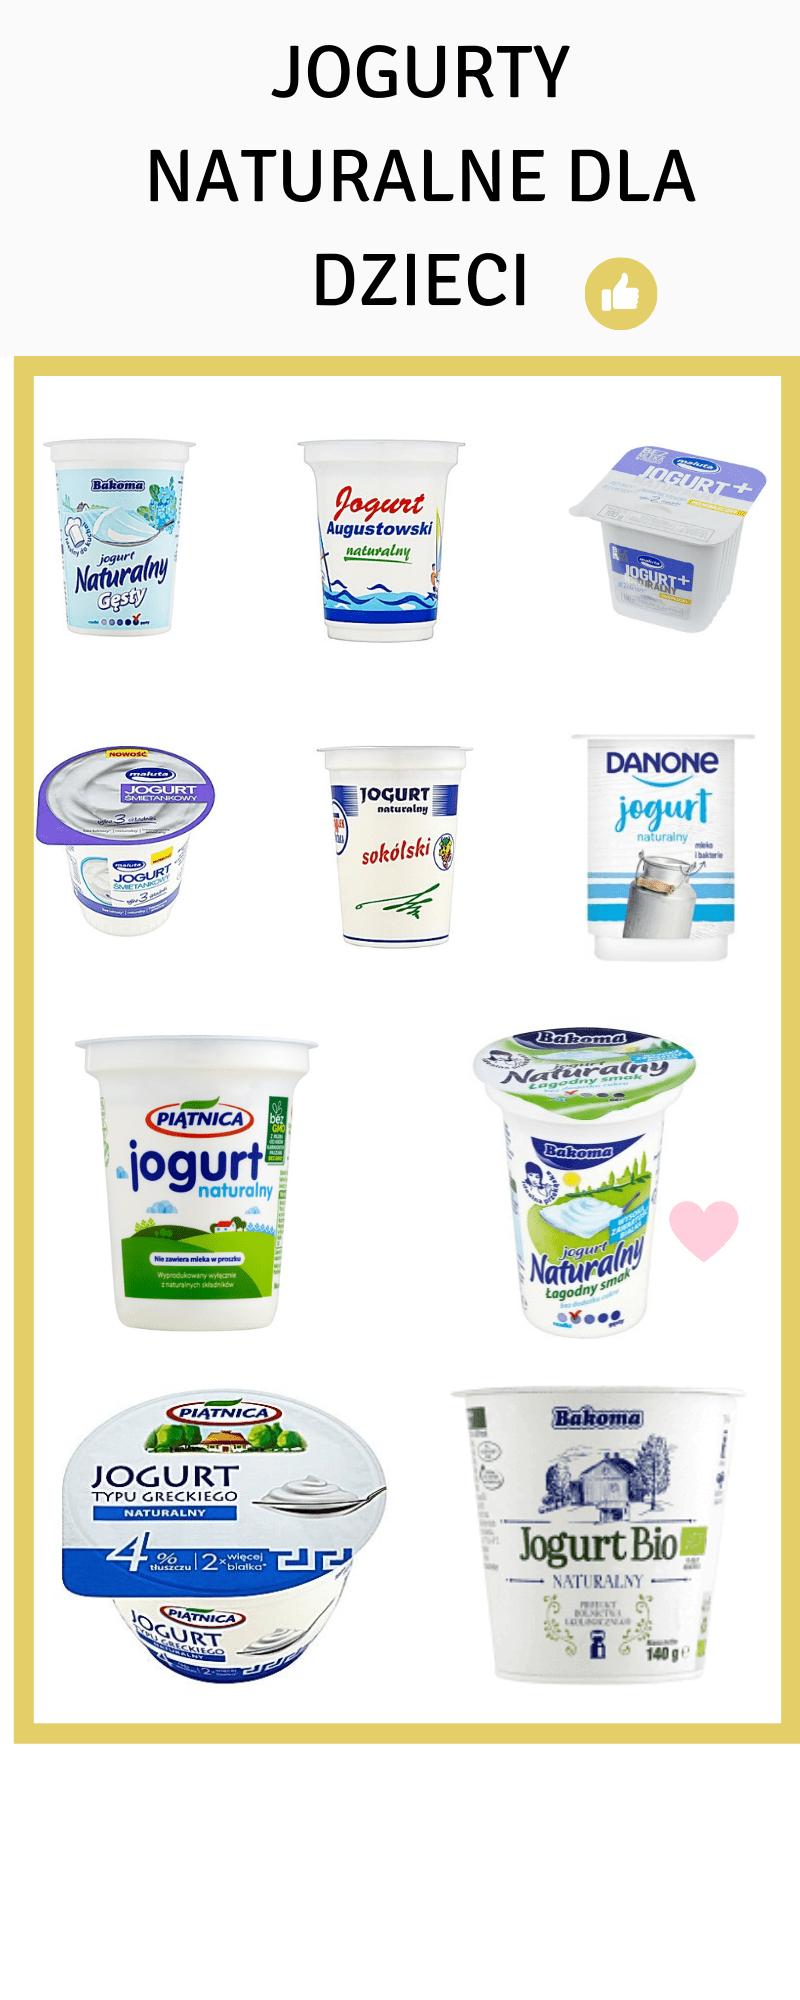 jogurty dla dzieci